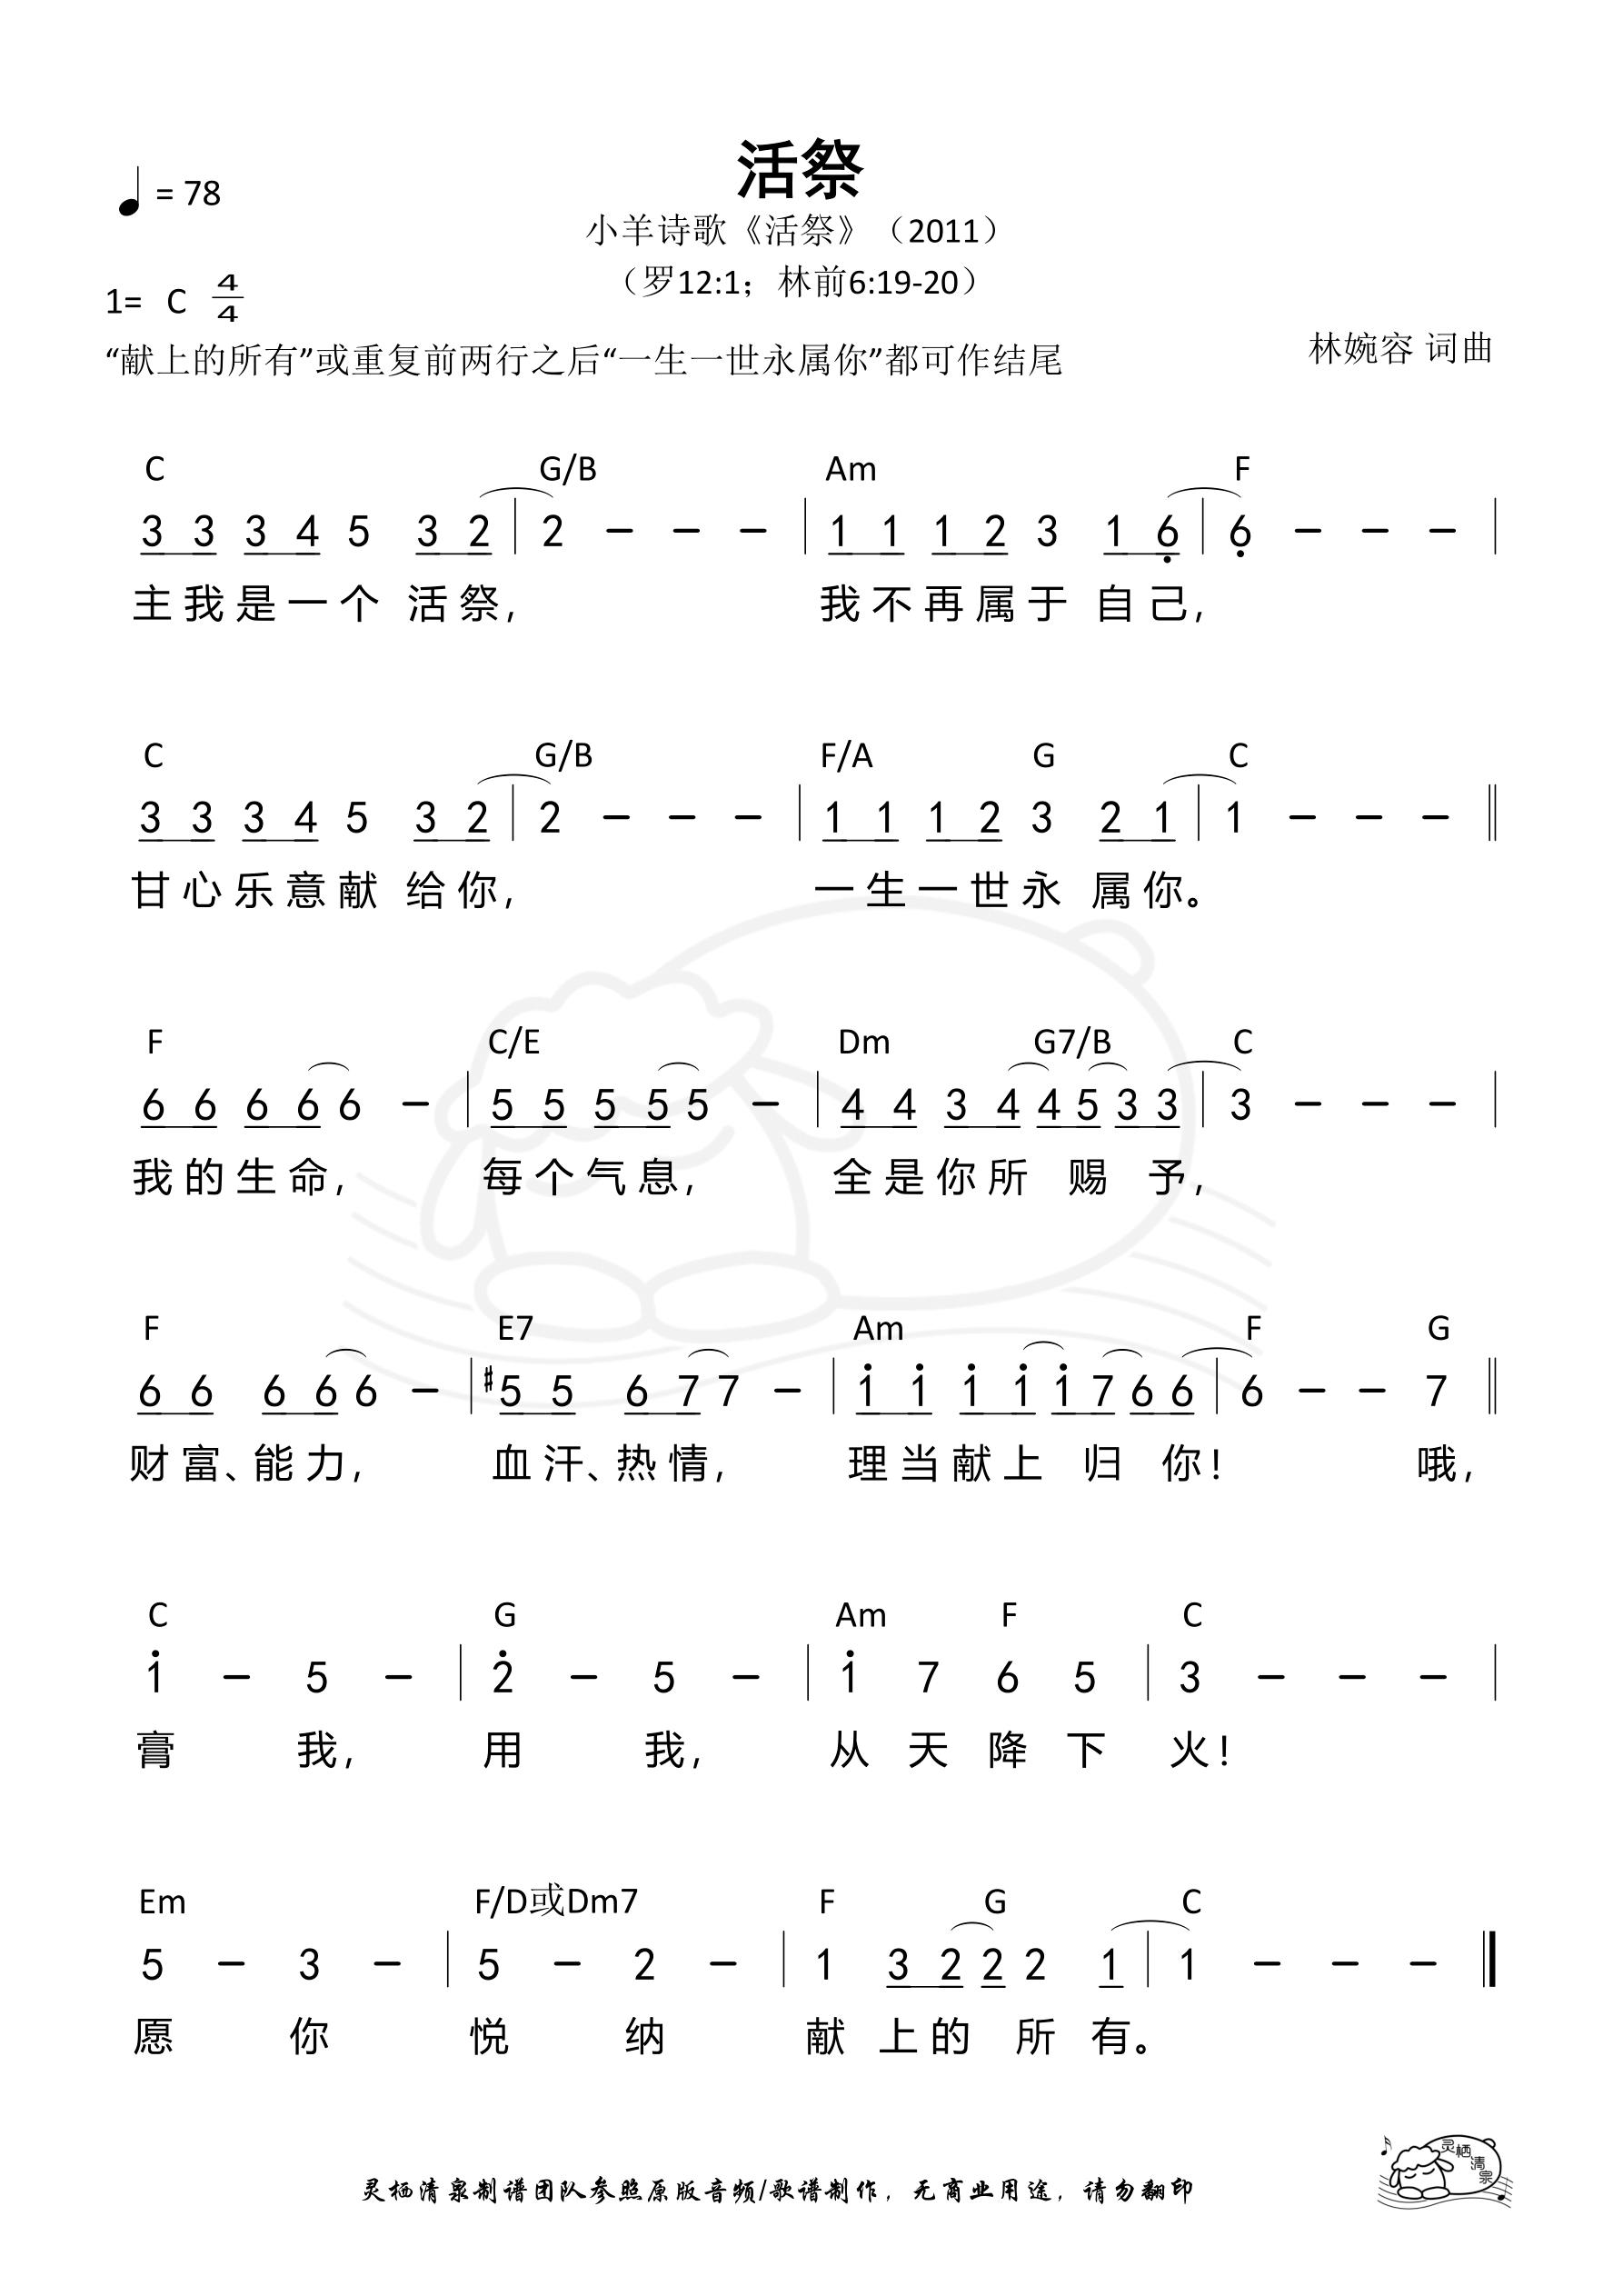 《第214首 - 活祭 和弦简谱》